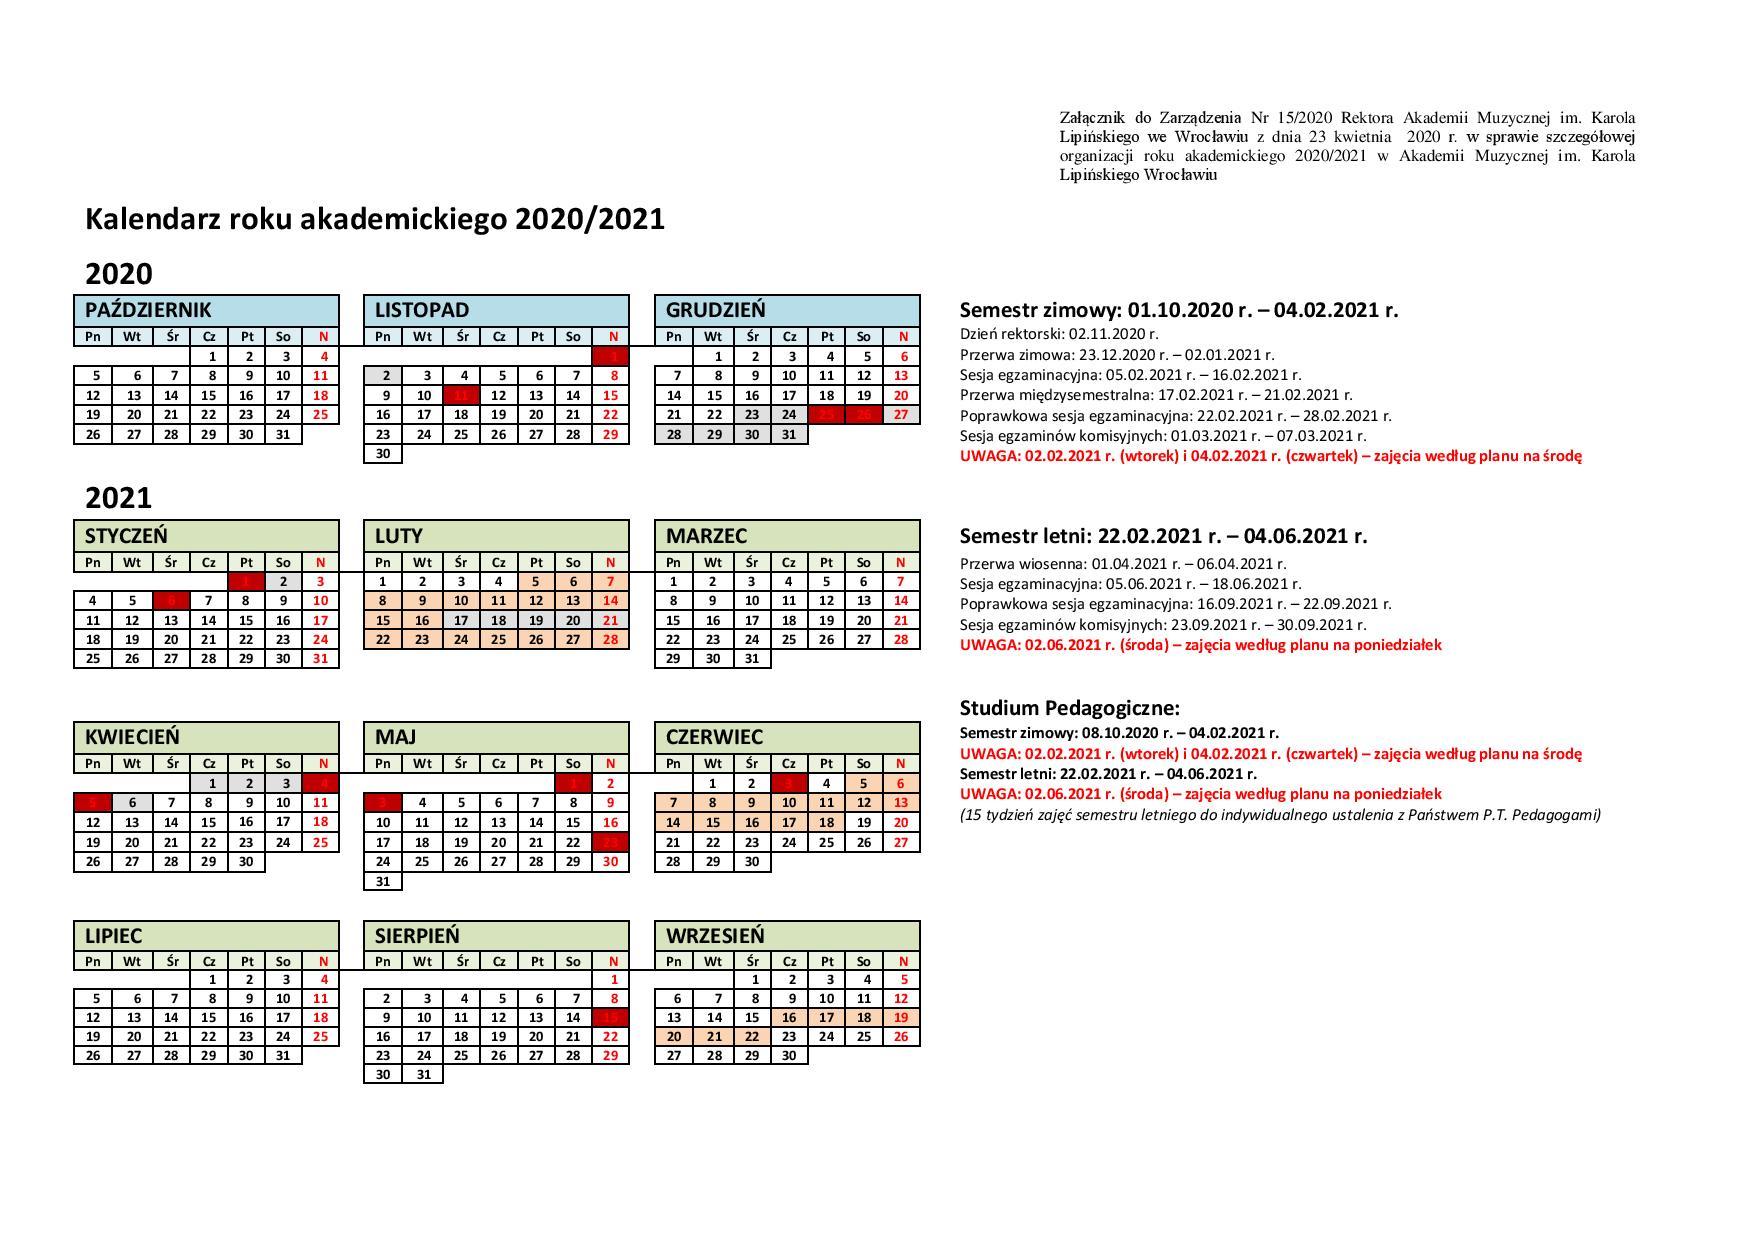 Kalendarz akademicki 2020/2021